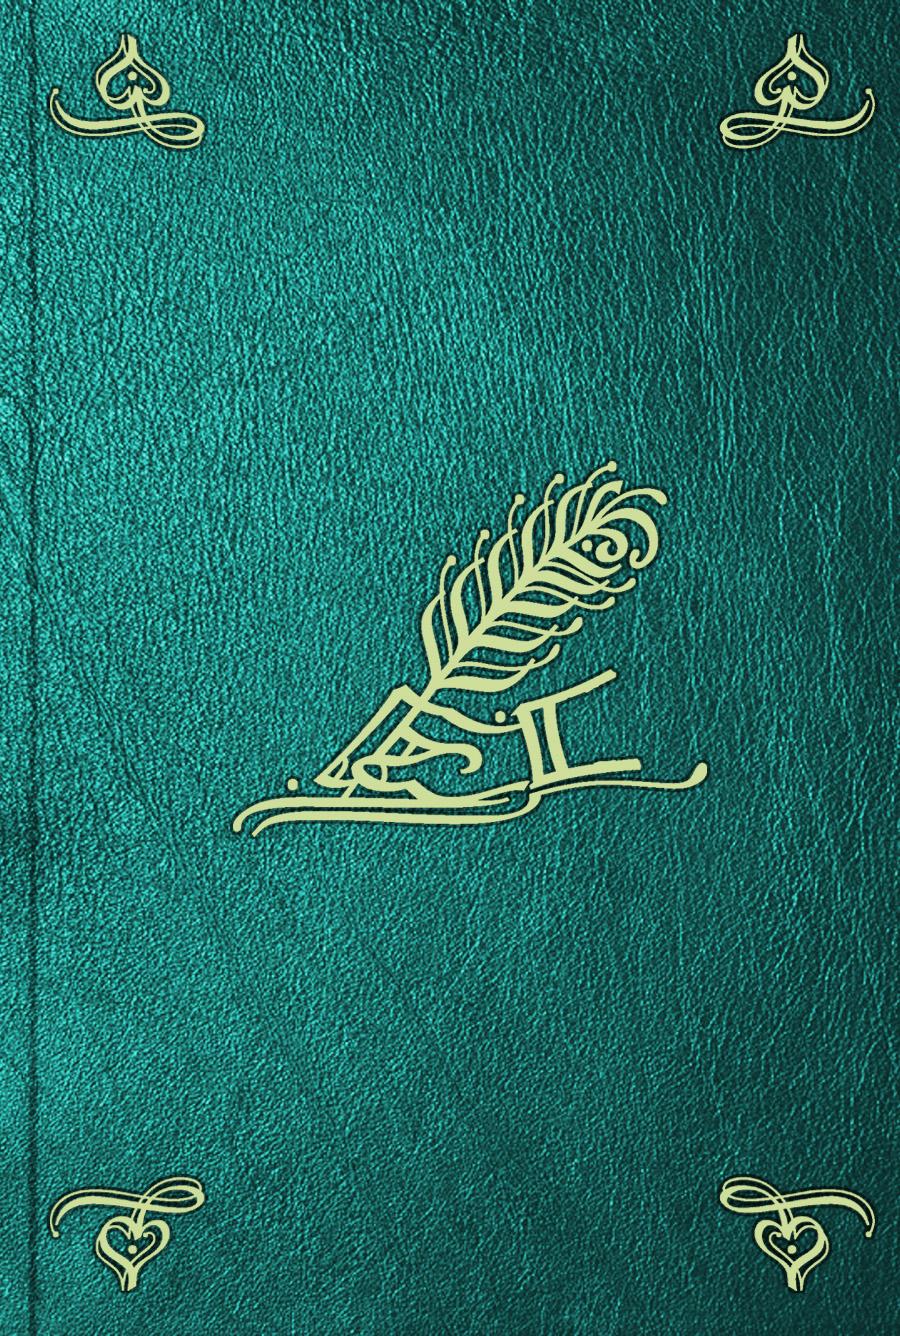 Comte de Buffon Georges Louis Leclerc Histoire naturelle. T. 2. Oiseaux comte de buffon georges louis leclerc histoire naturelle t 8 oiseaux